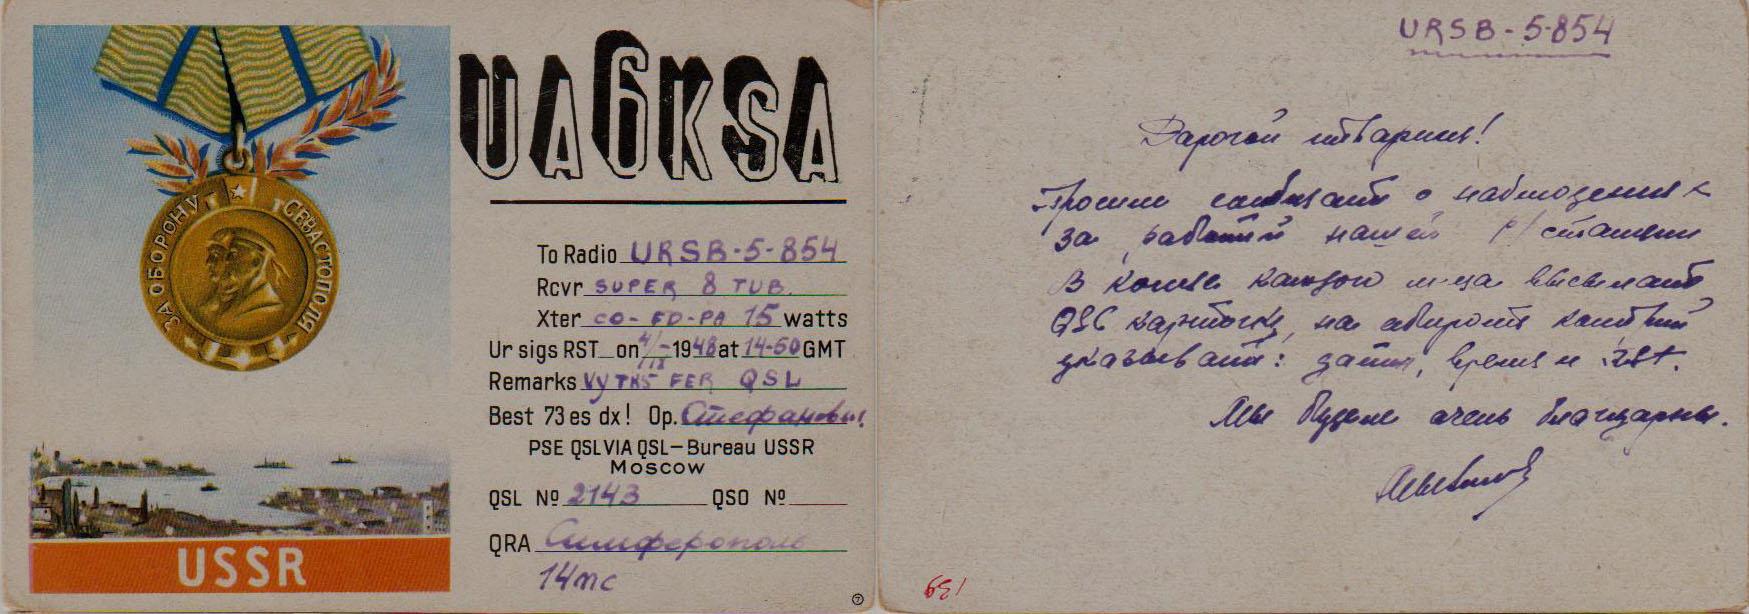 Нажмите на изображение для увеличения.  Название:ua6ksa.jpg Просмотров:42 Размер:205.3 Кб ID:188228